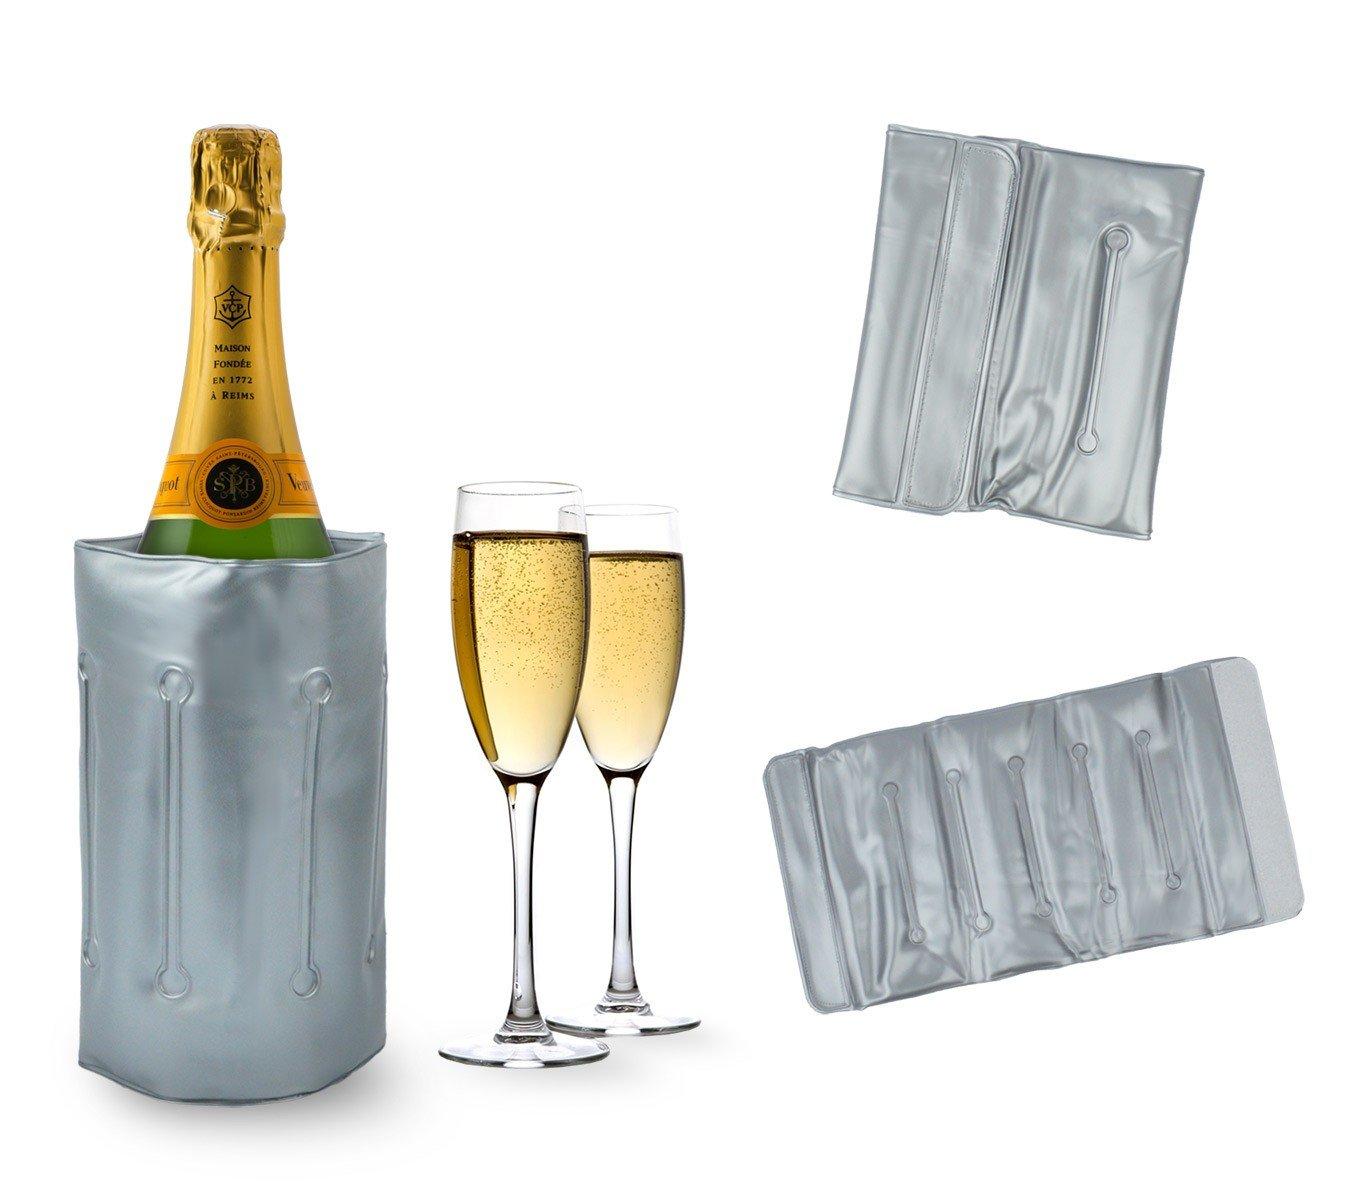 704641 Bolsa refrigerante para botellas, portátil, y para cubo de hielo. Media Wave Store portátil